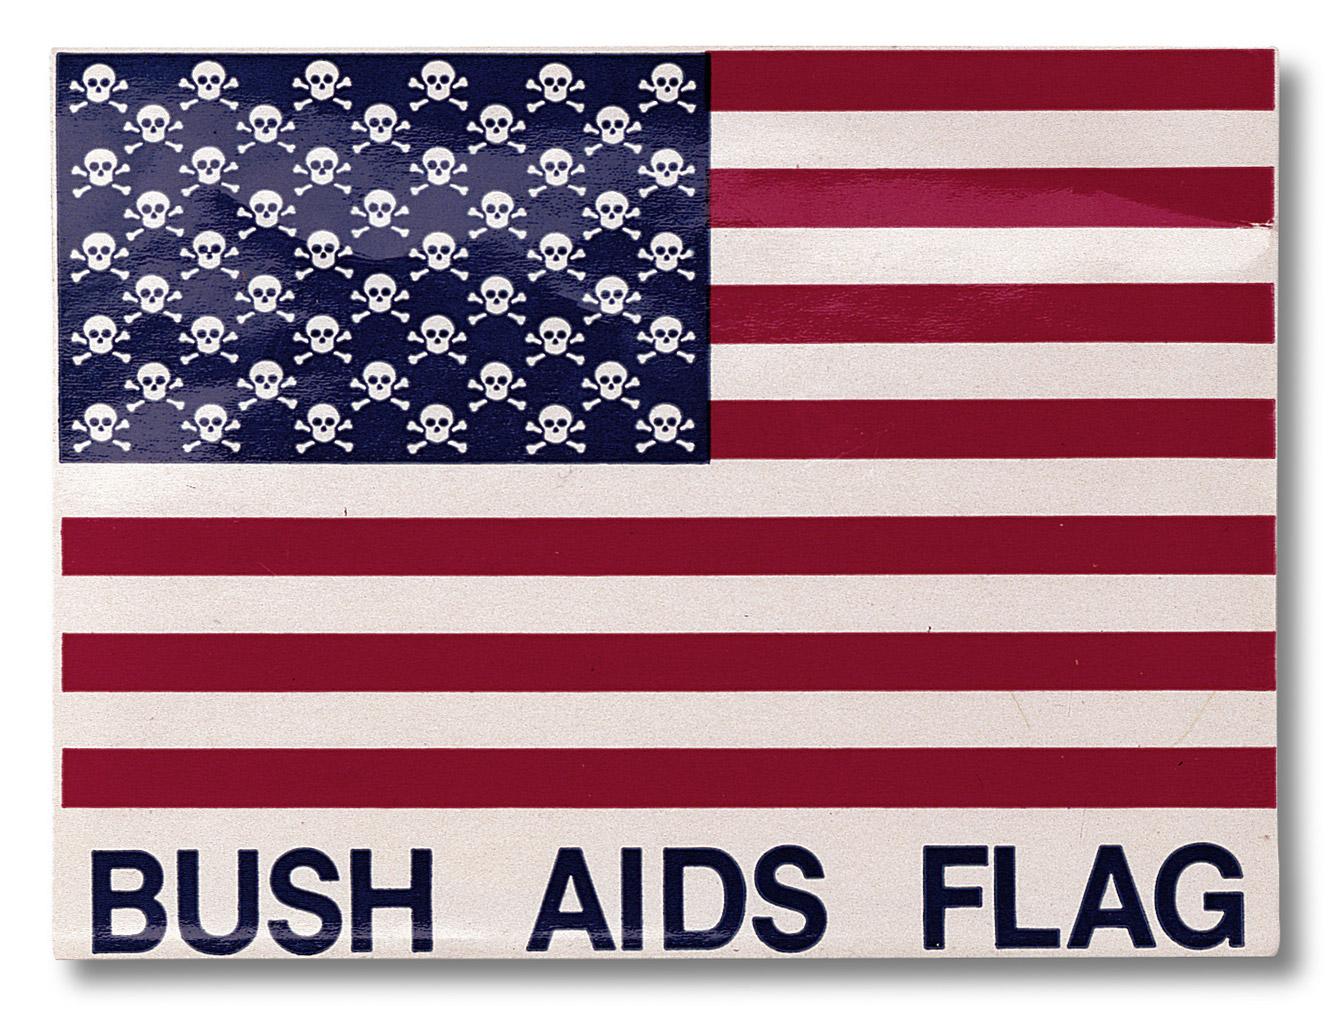 flag_protest_7.jpg